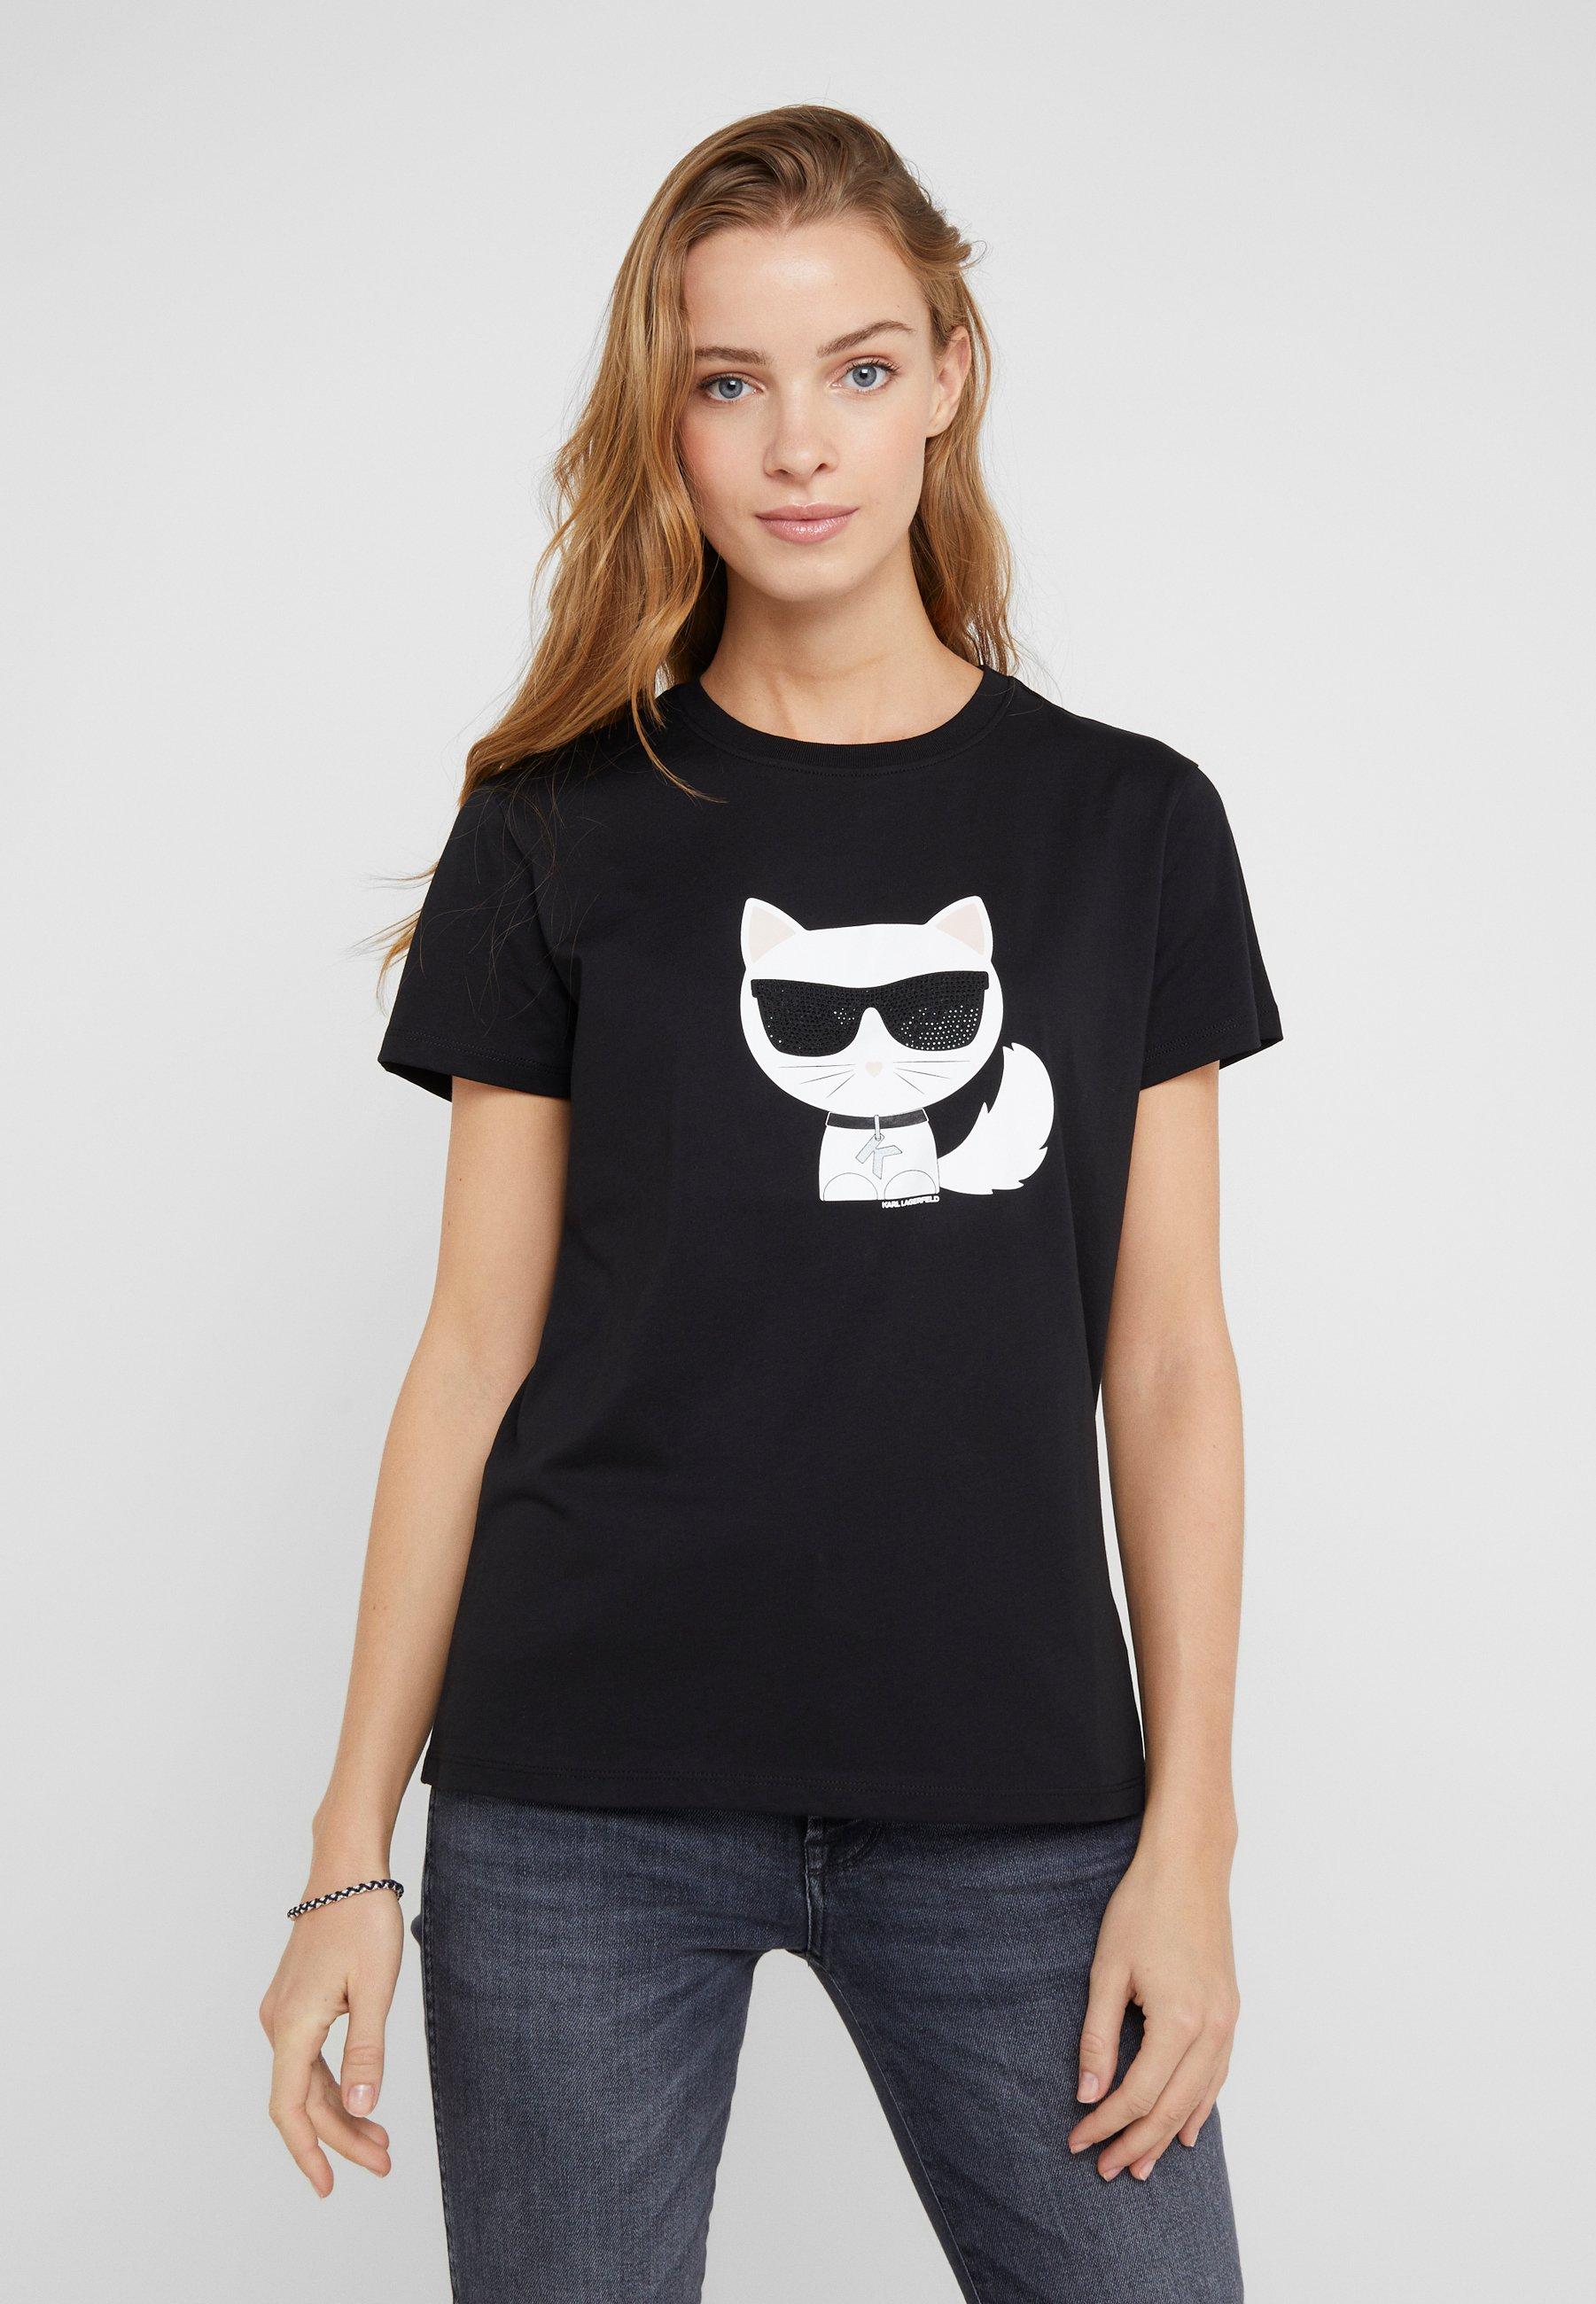 Black Lagerfeld Karl ChoupetteT shirt Ikonik Imprimé MpSUVqzG